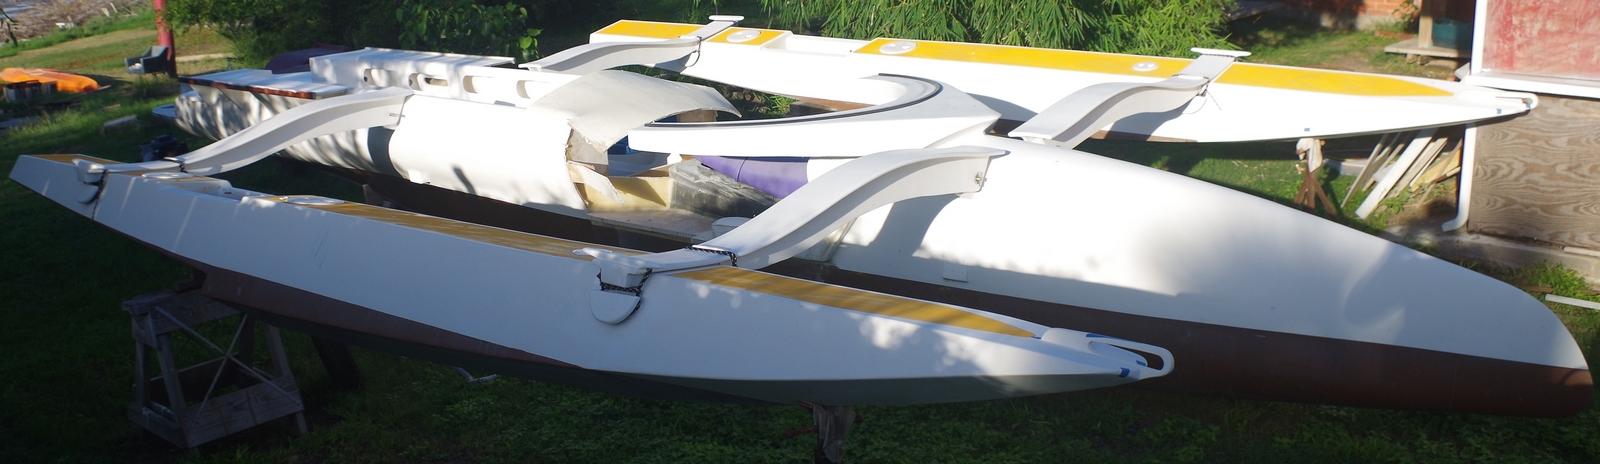 temporary alignment of Kite sailer hulls